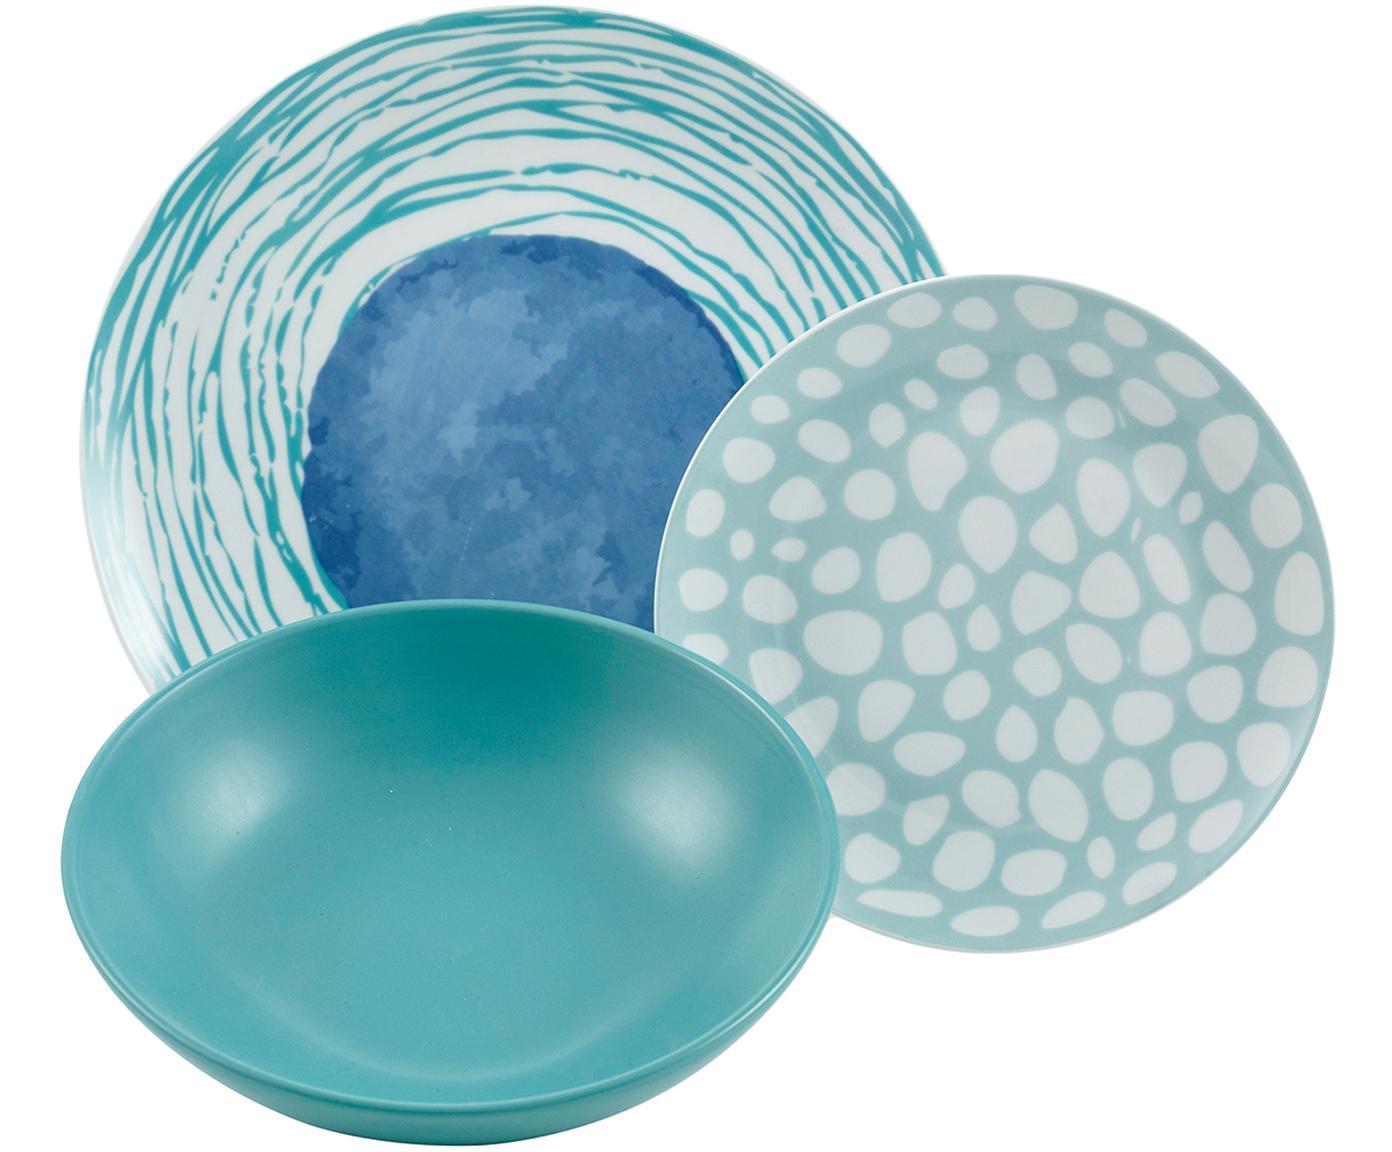 Komplet naczyń Marea, 18 elem., Porcelana, Niebieski, biały, żółty, Różne rozmiary